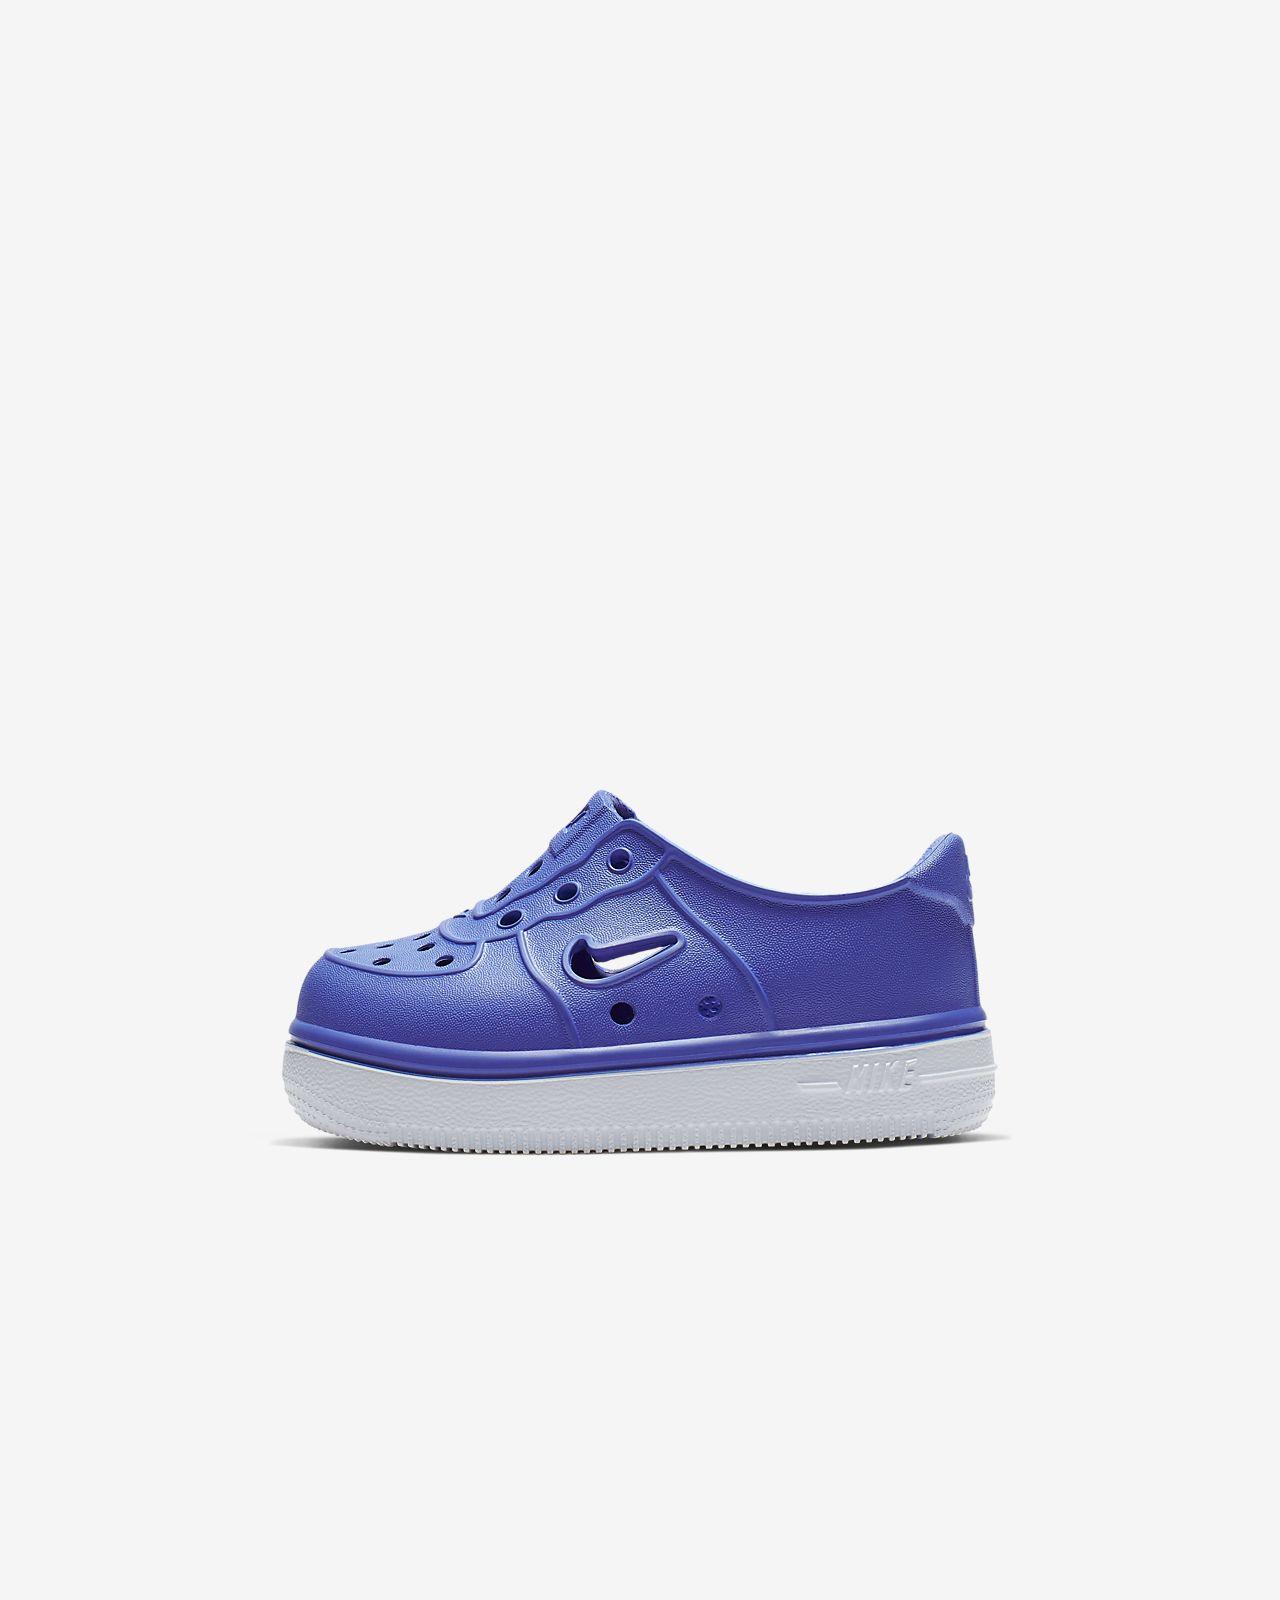 low priced c437a 1fd94 ... Chaussure Nike Foam Force 1 pour Bébé et Petit enfant